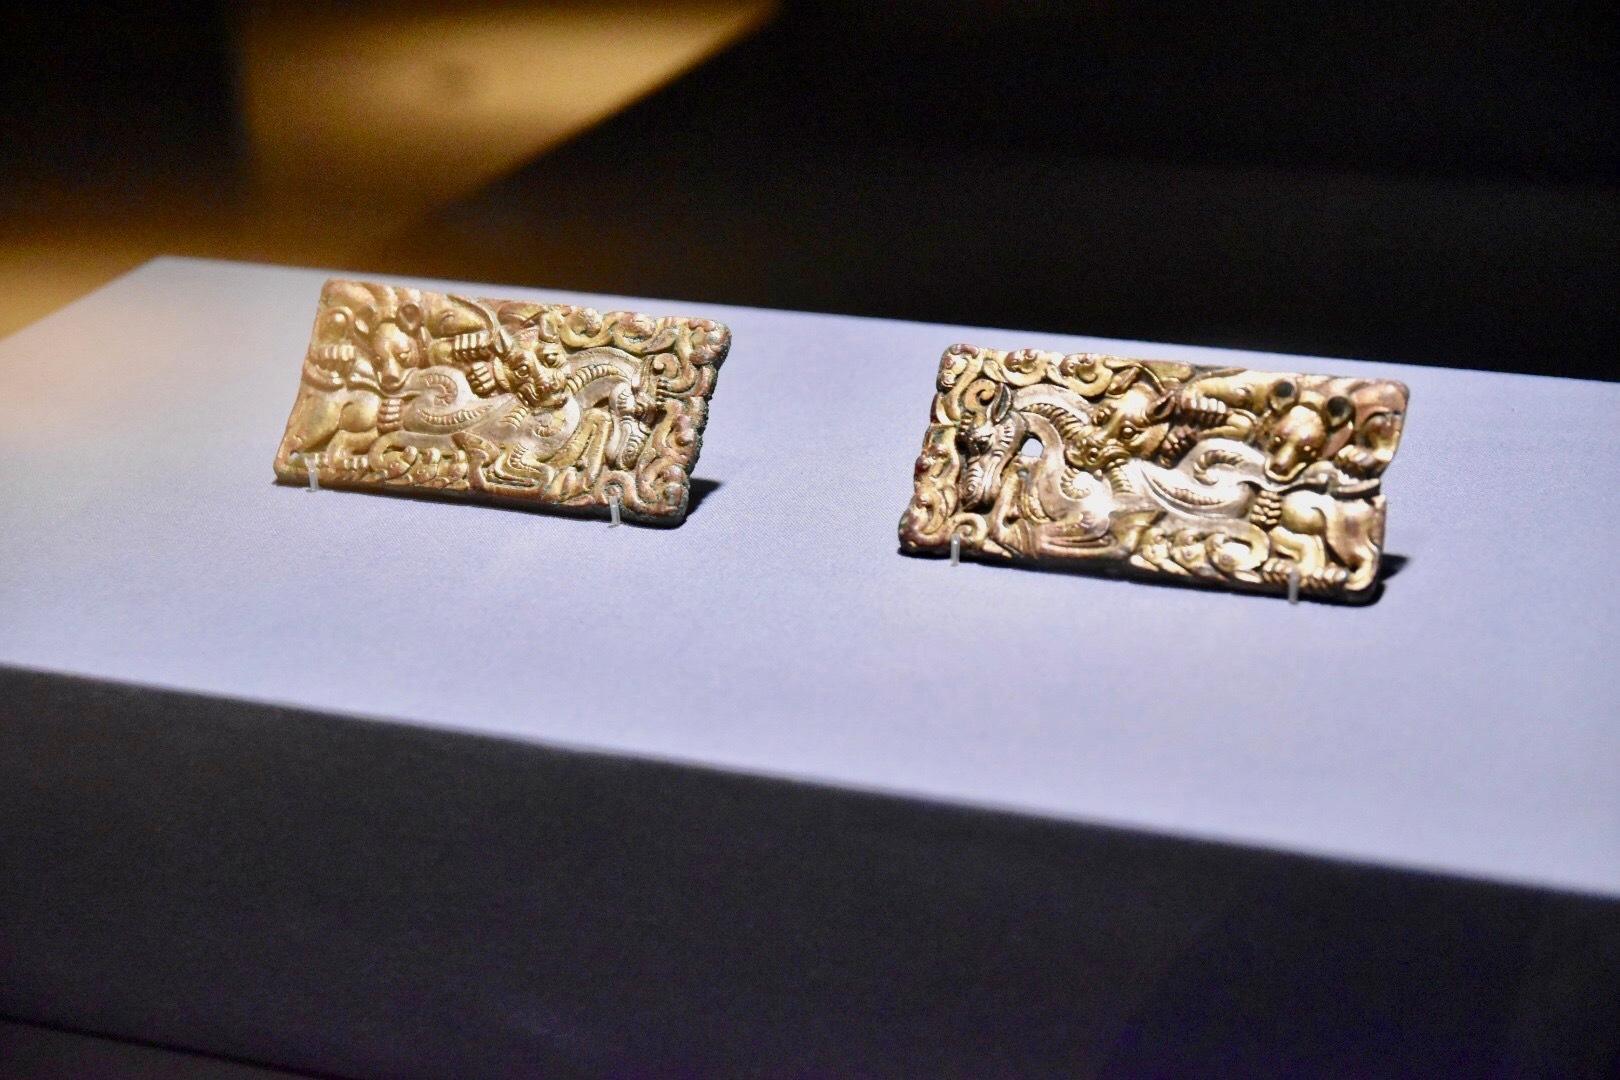 《動物闘争文帯飾板》 中国・前漢時代 前2〜前1世紀 東京国立博物館蔵 通期展示